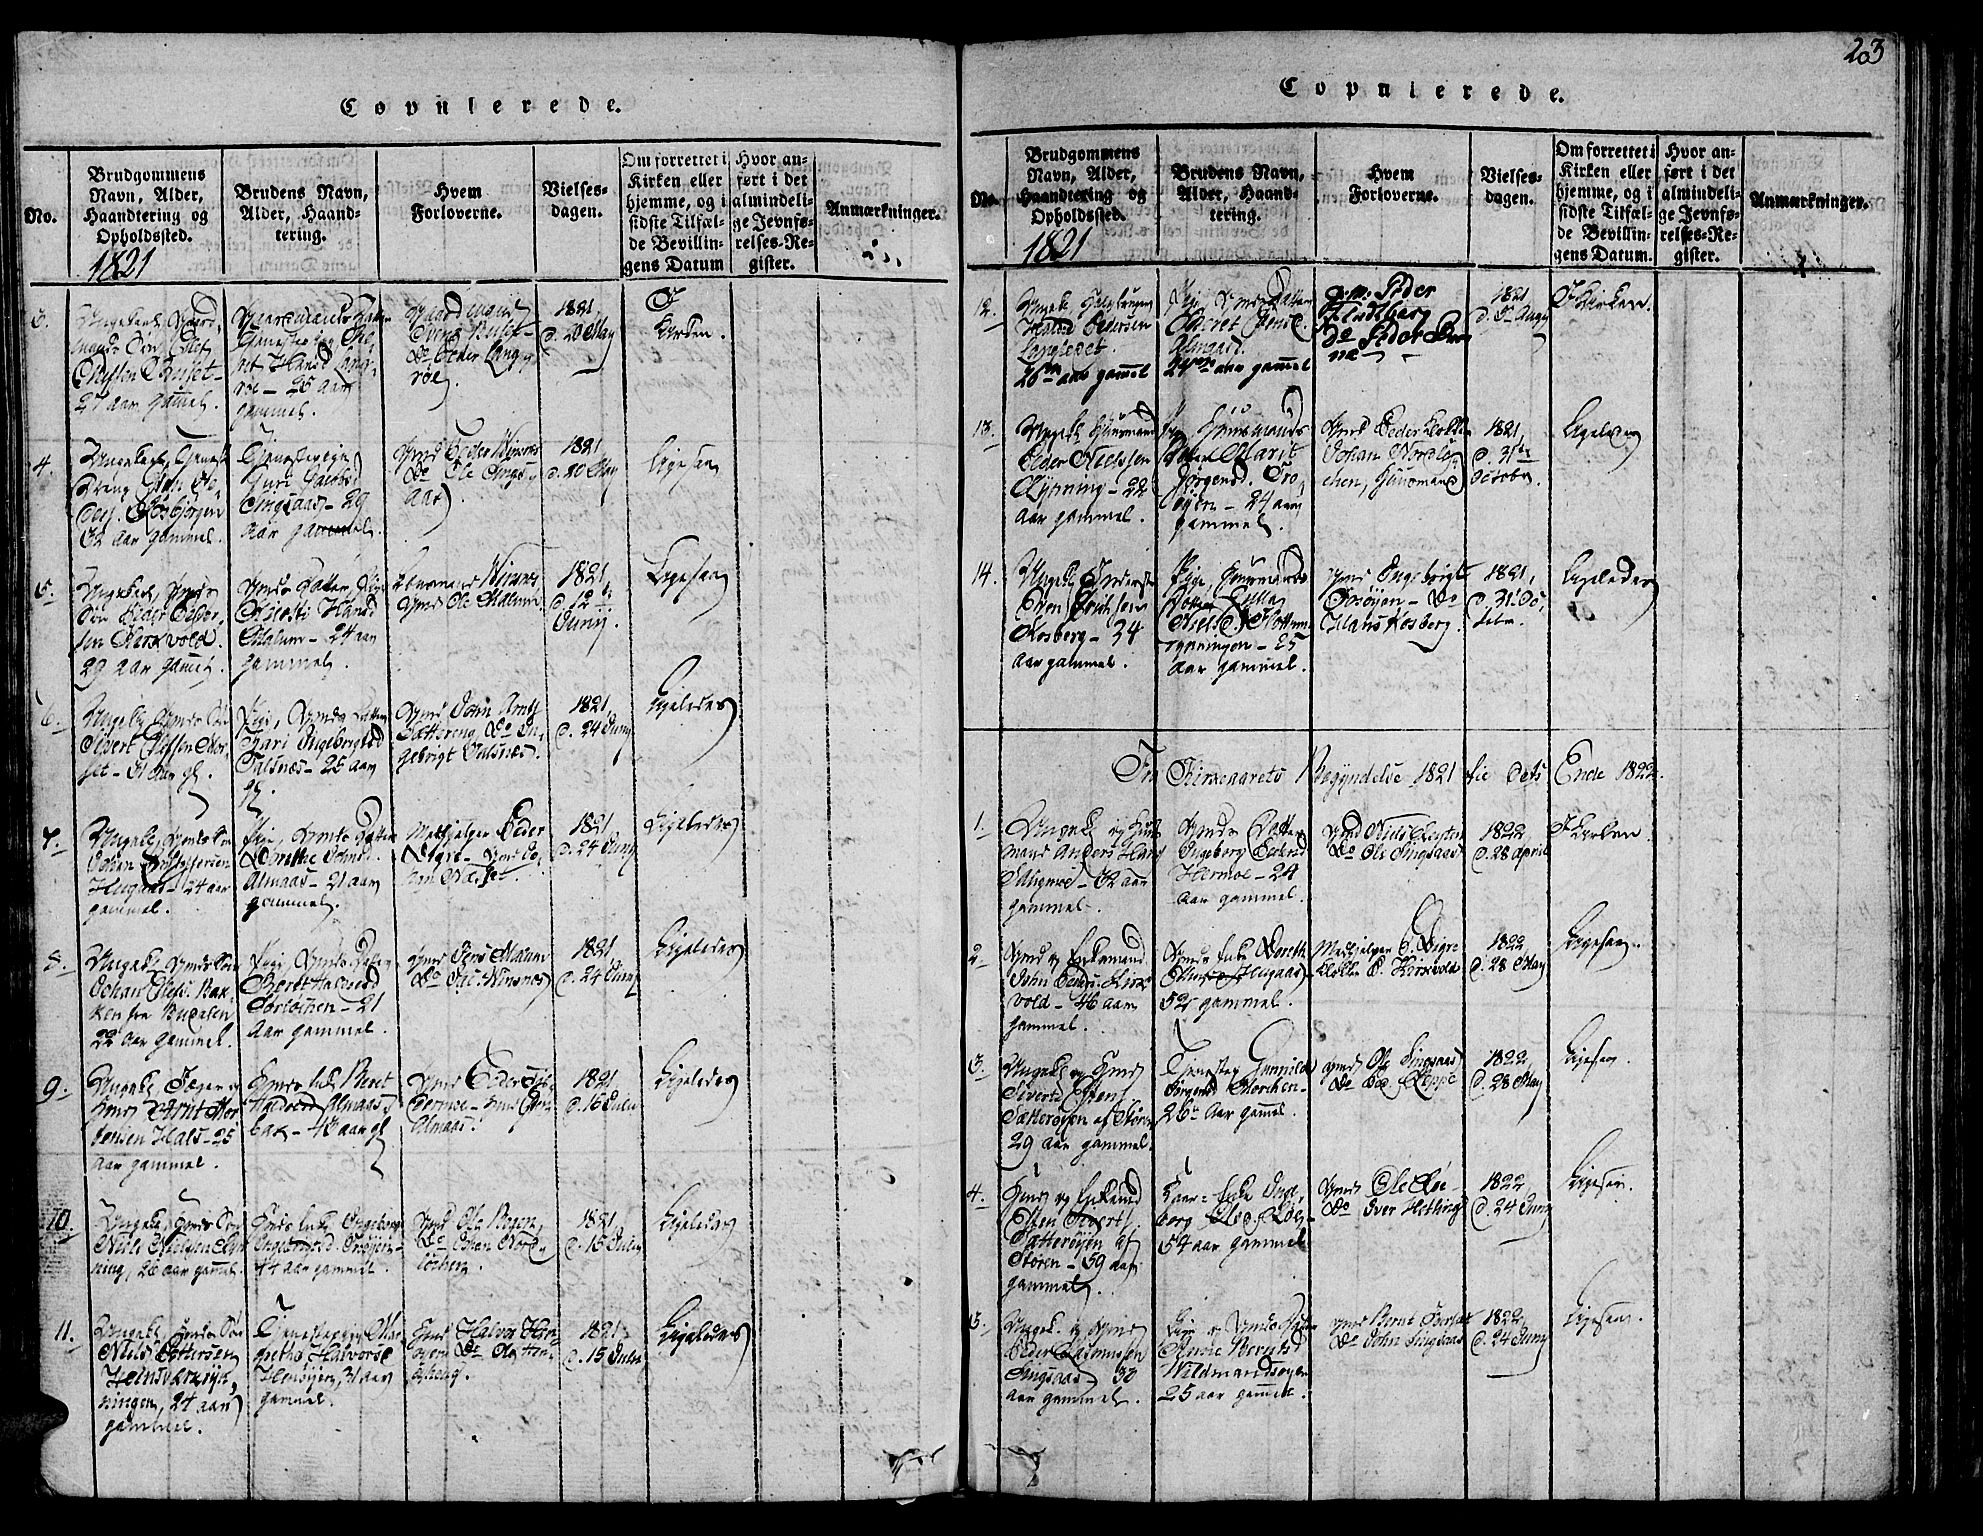 SAT, Ministerialprotokoller, klokkerbøker og fødselsregistre - Sør-Trøndelag, 685/L0955: Ministerialbok nr. 685A03 /2, 1817-1829, s. 203